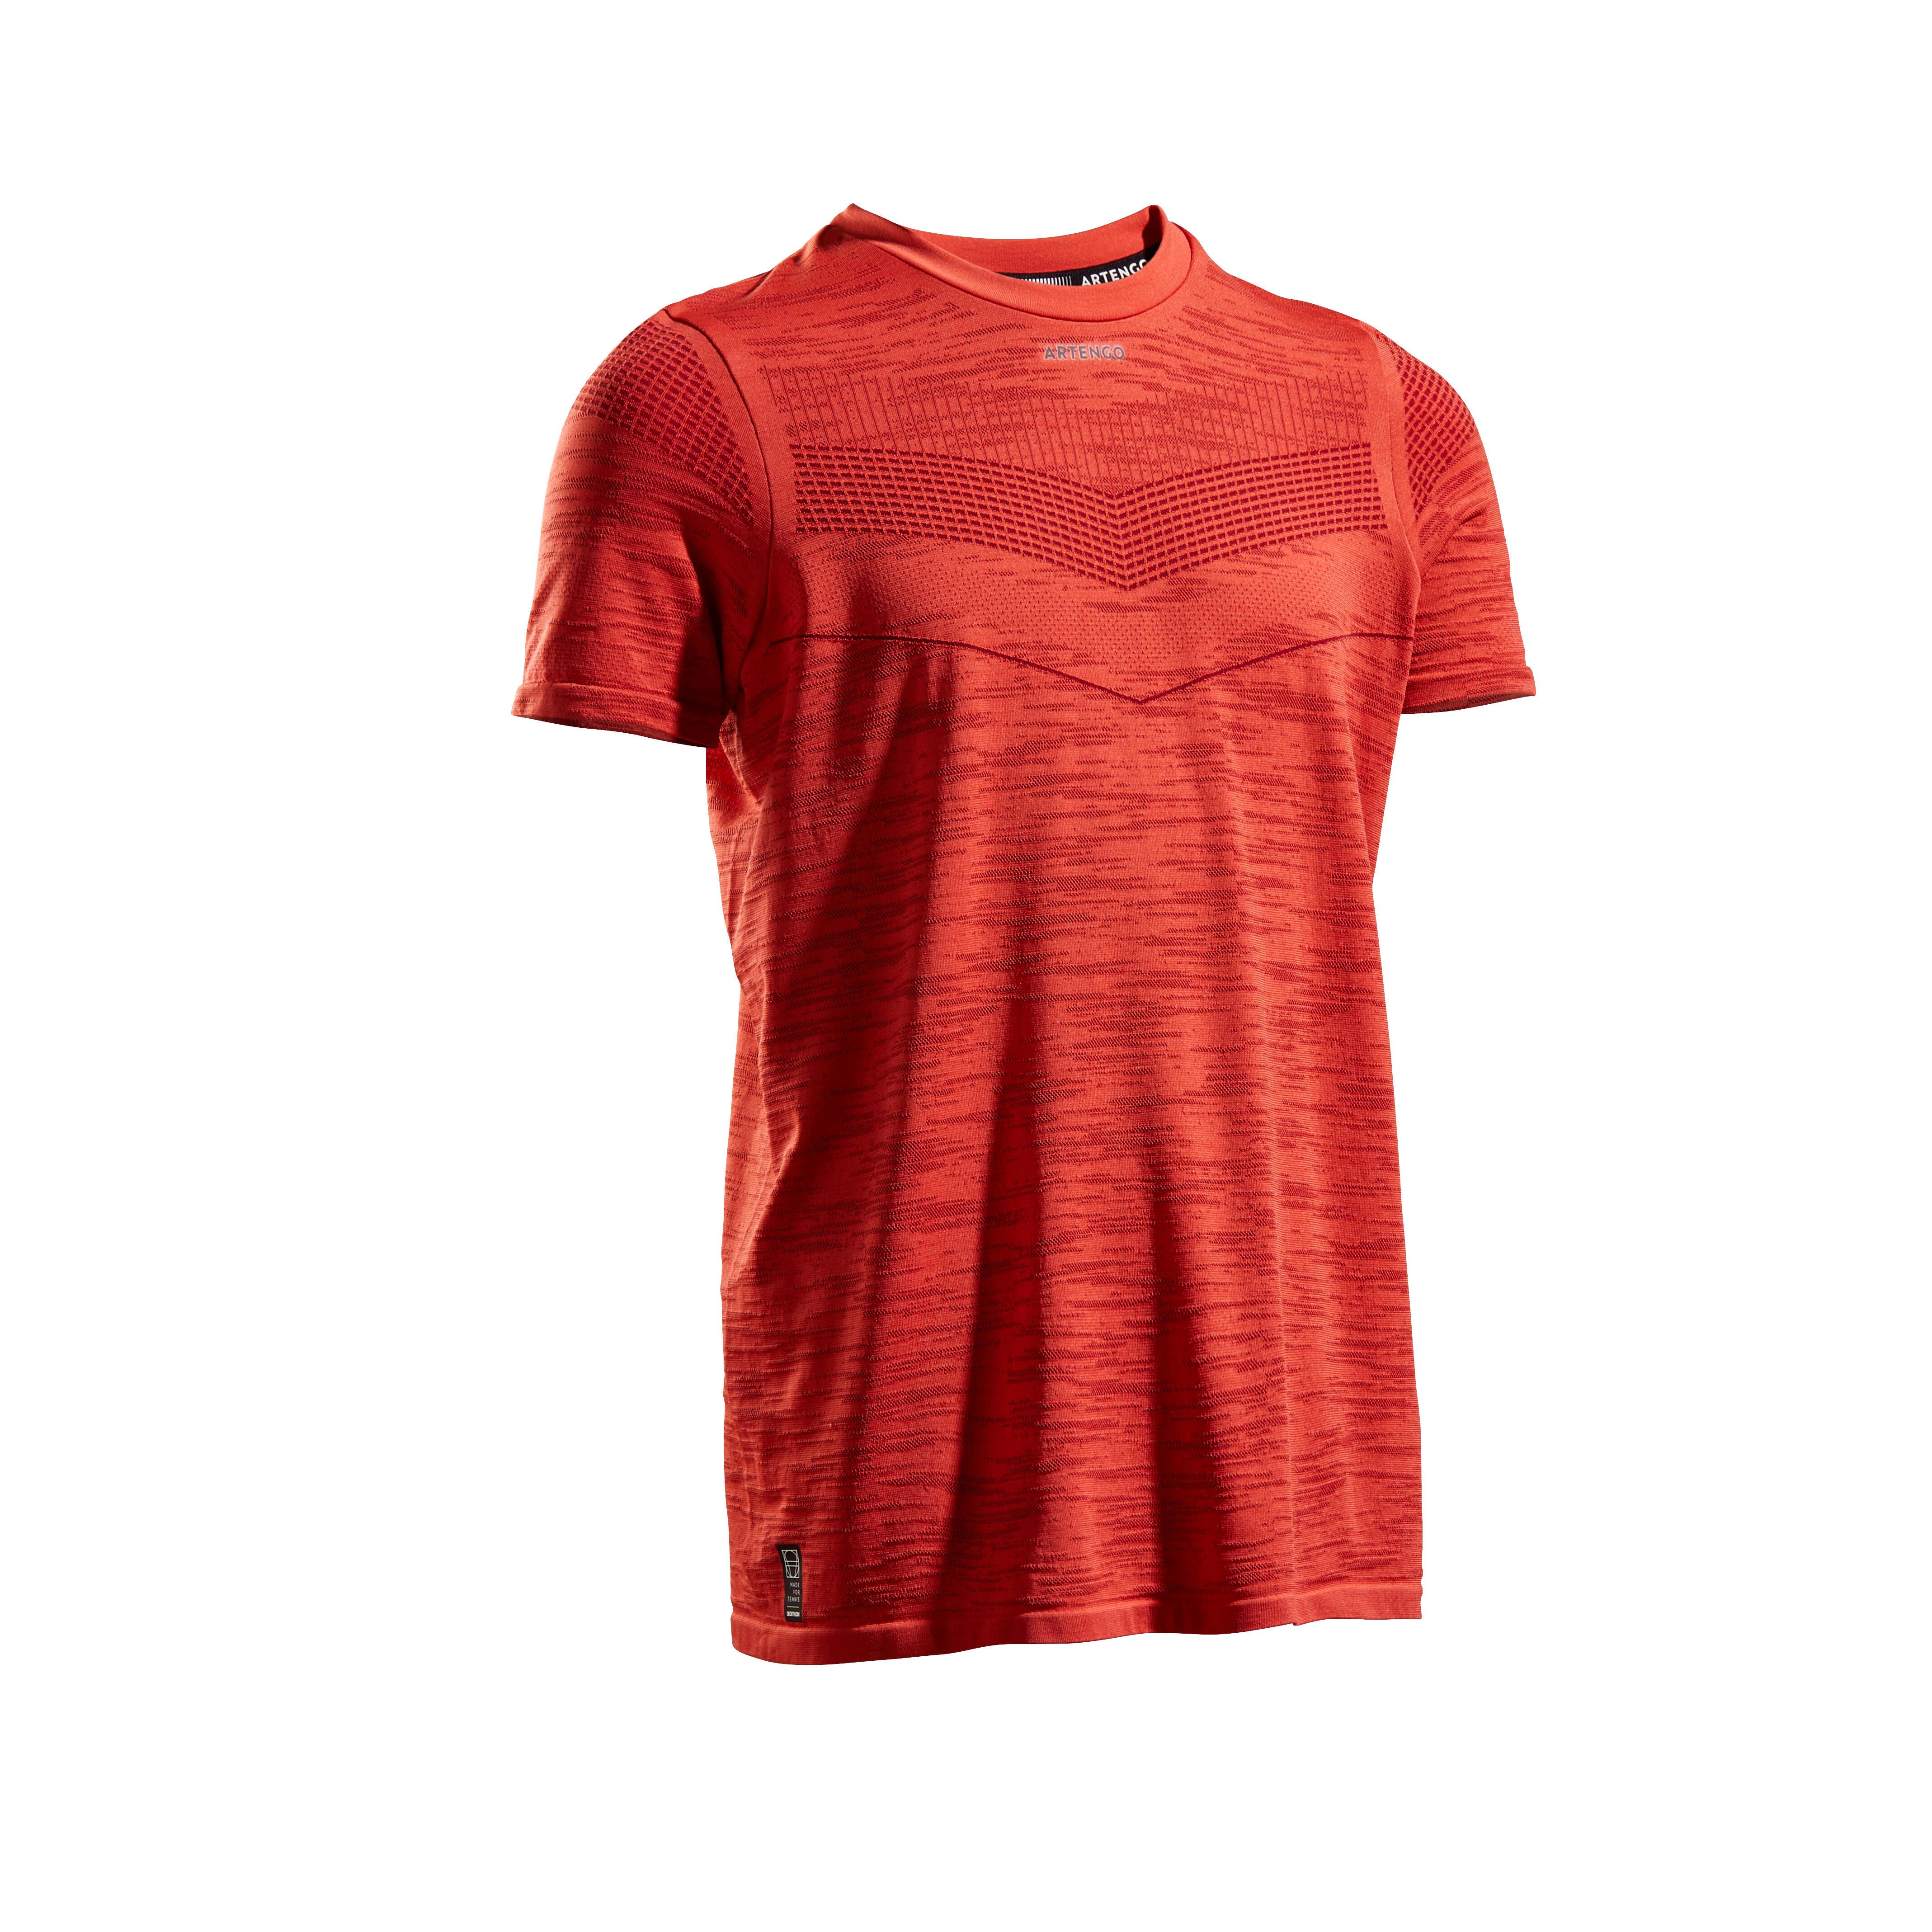 Tricou Tenis 900 Roșu Băieți imagine